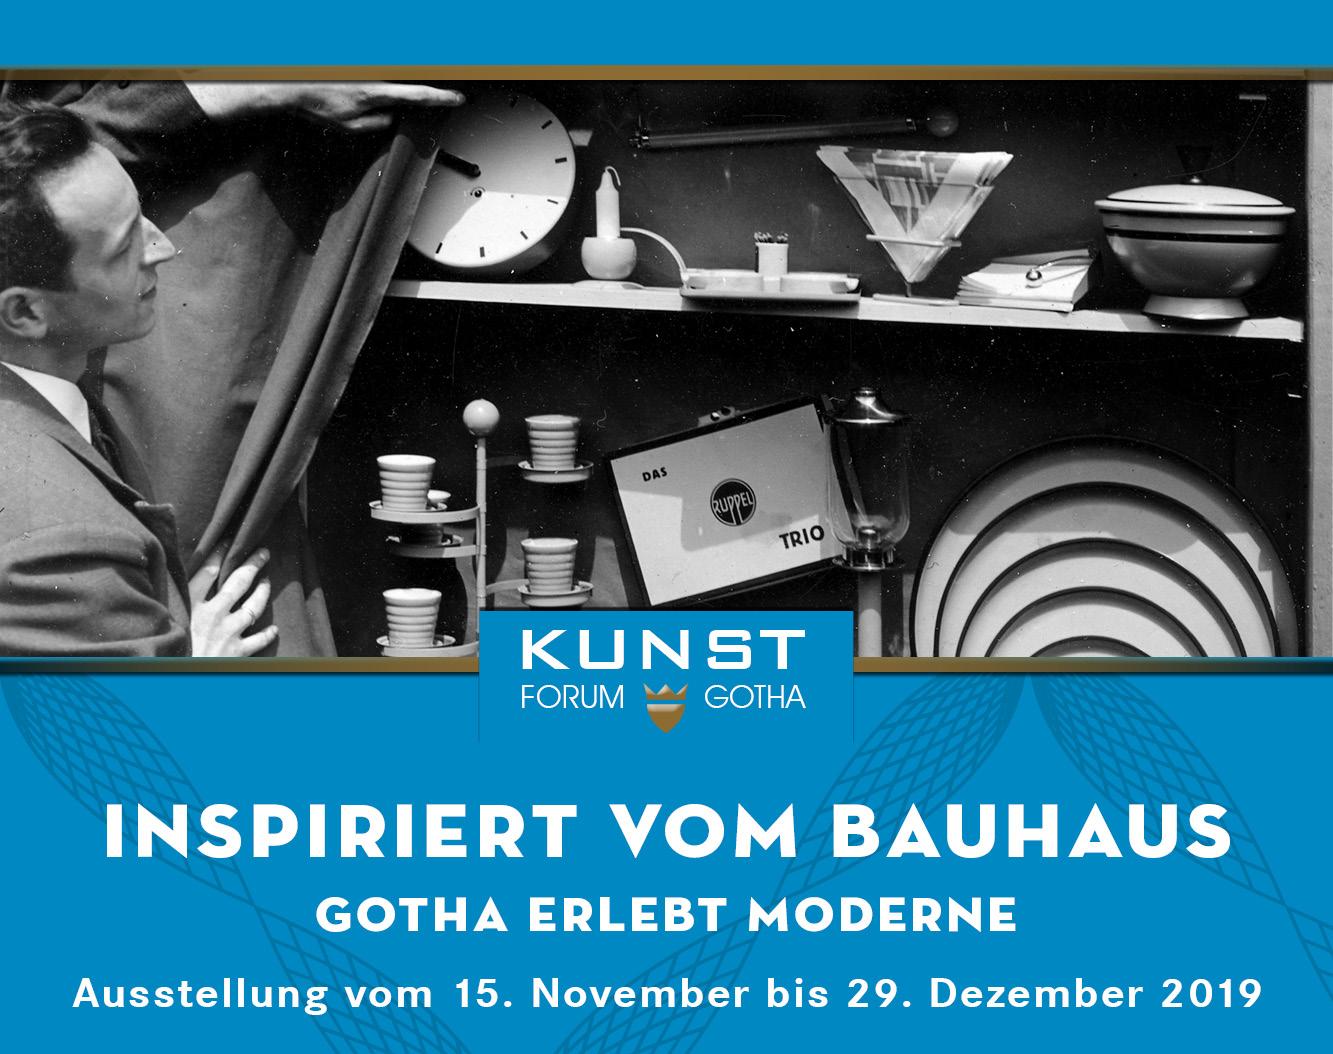 Ausstellung: Inspriert vom Bauhaus